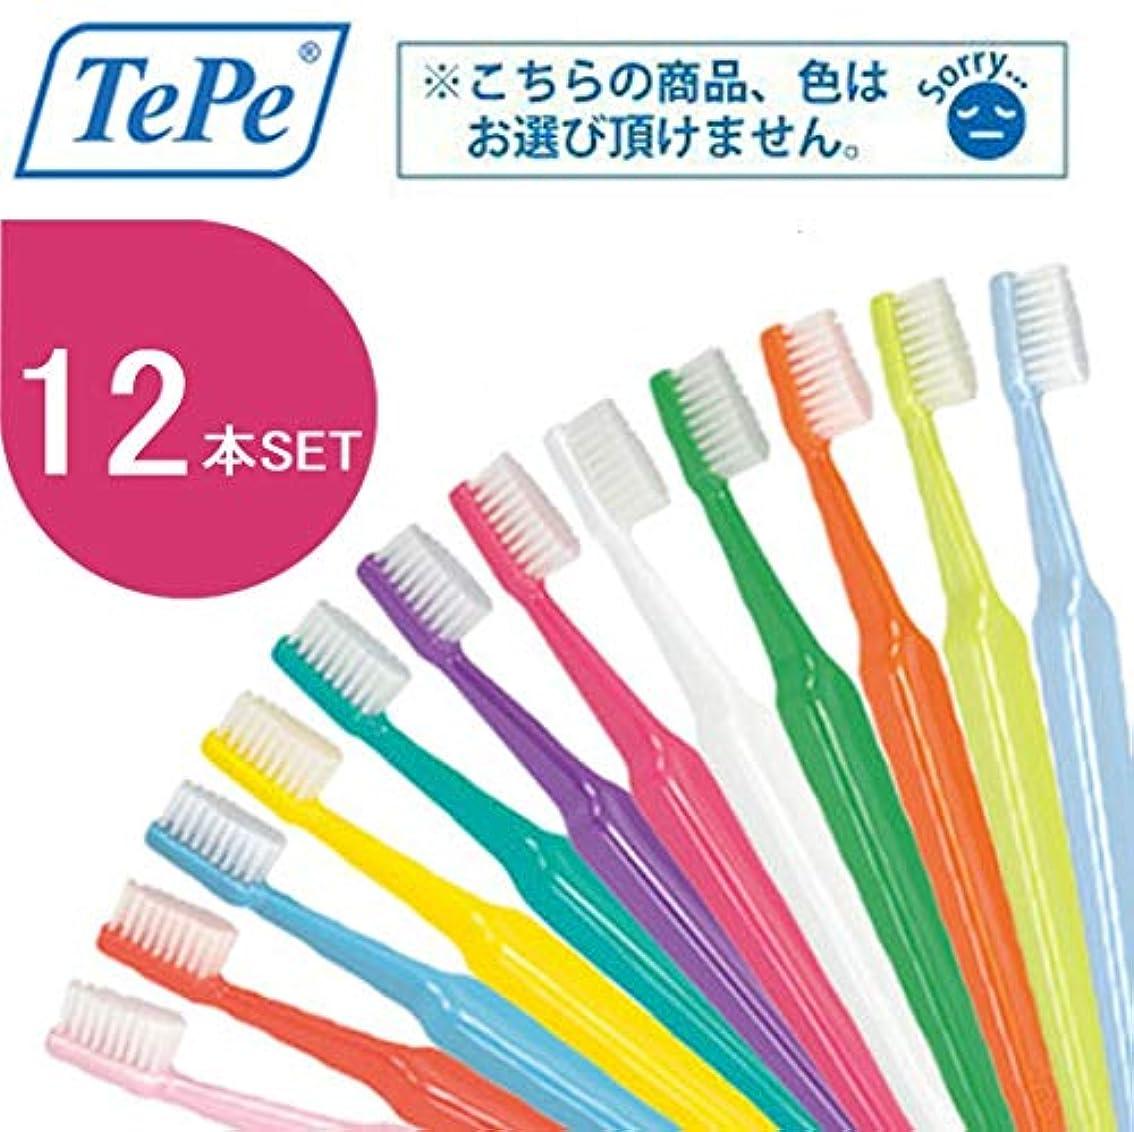 軽蔑する送った意識的クロスフィールド TePe テペ セレクト 歯ブラシ 12本 (エクストラソフト)